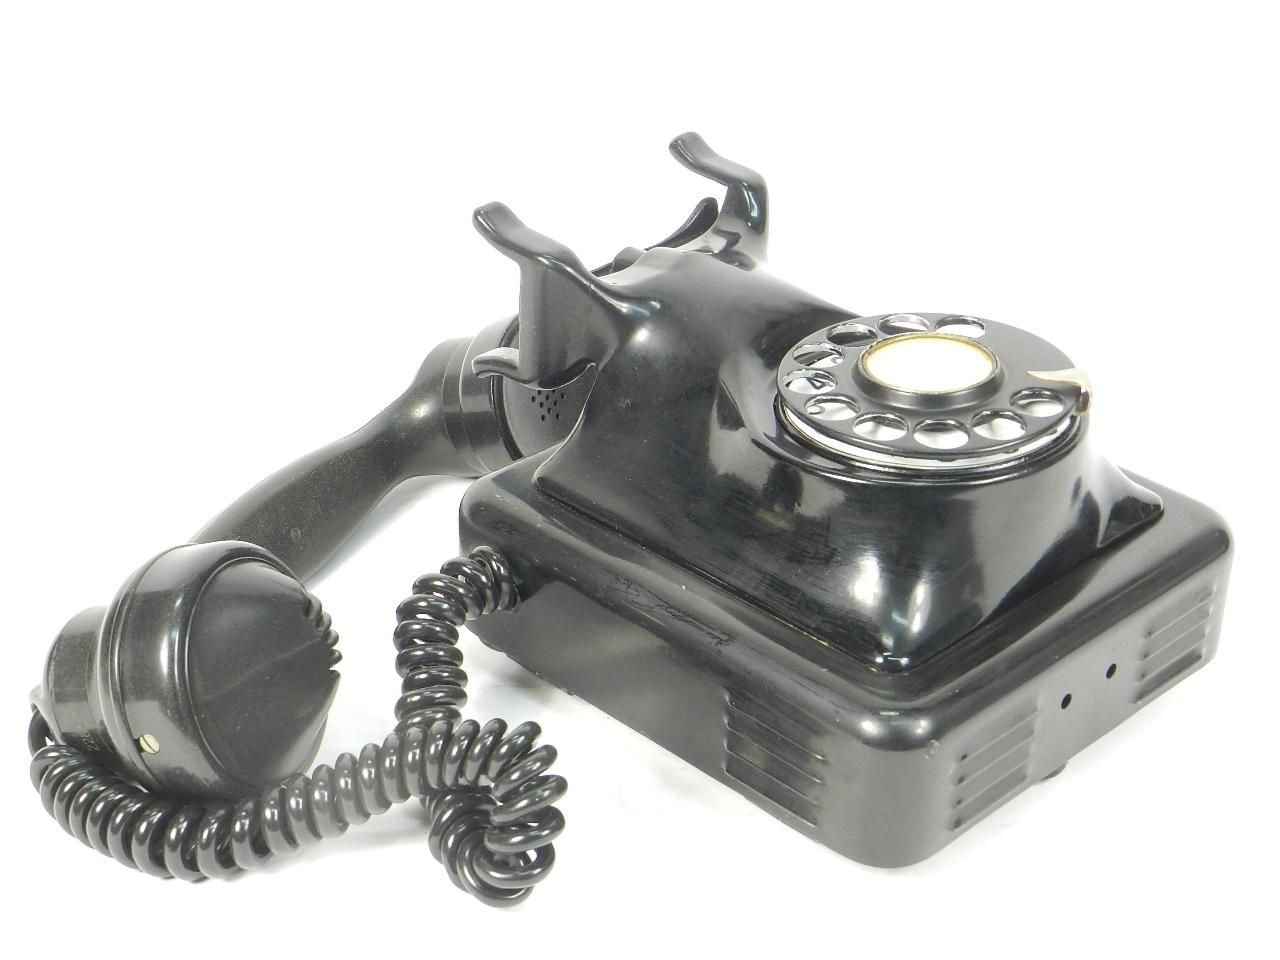 Imagen TELEFONO DE PARED 2713A AÑO 1940 41838